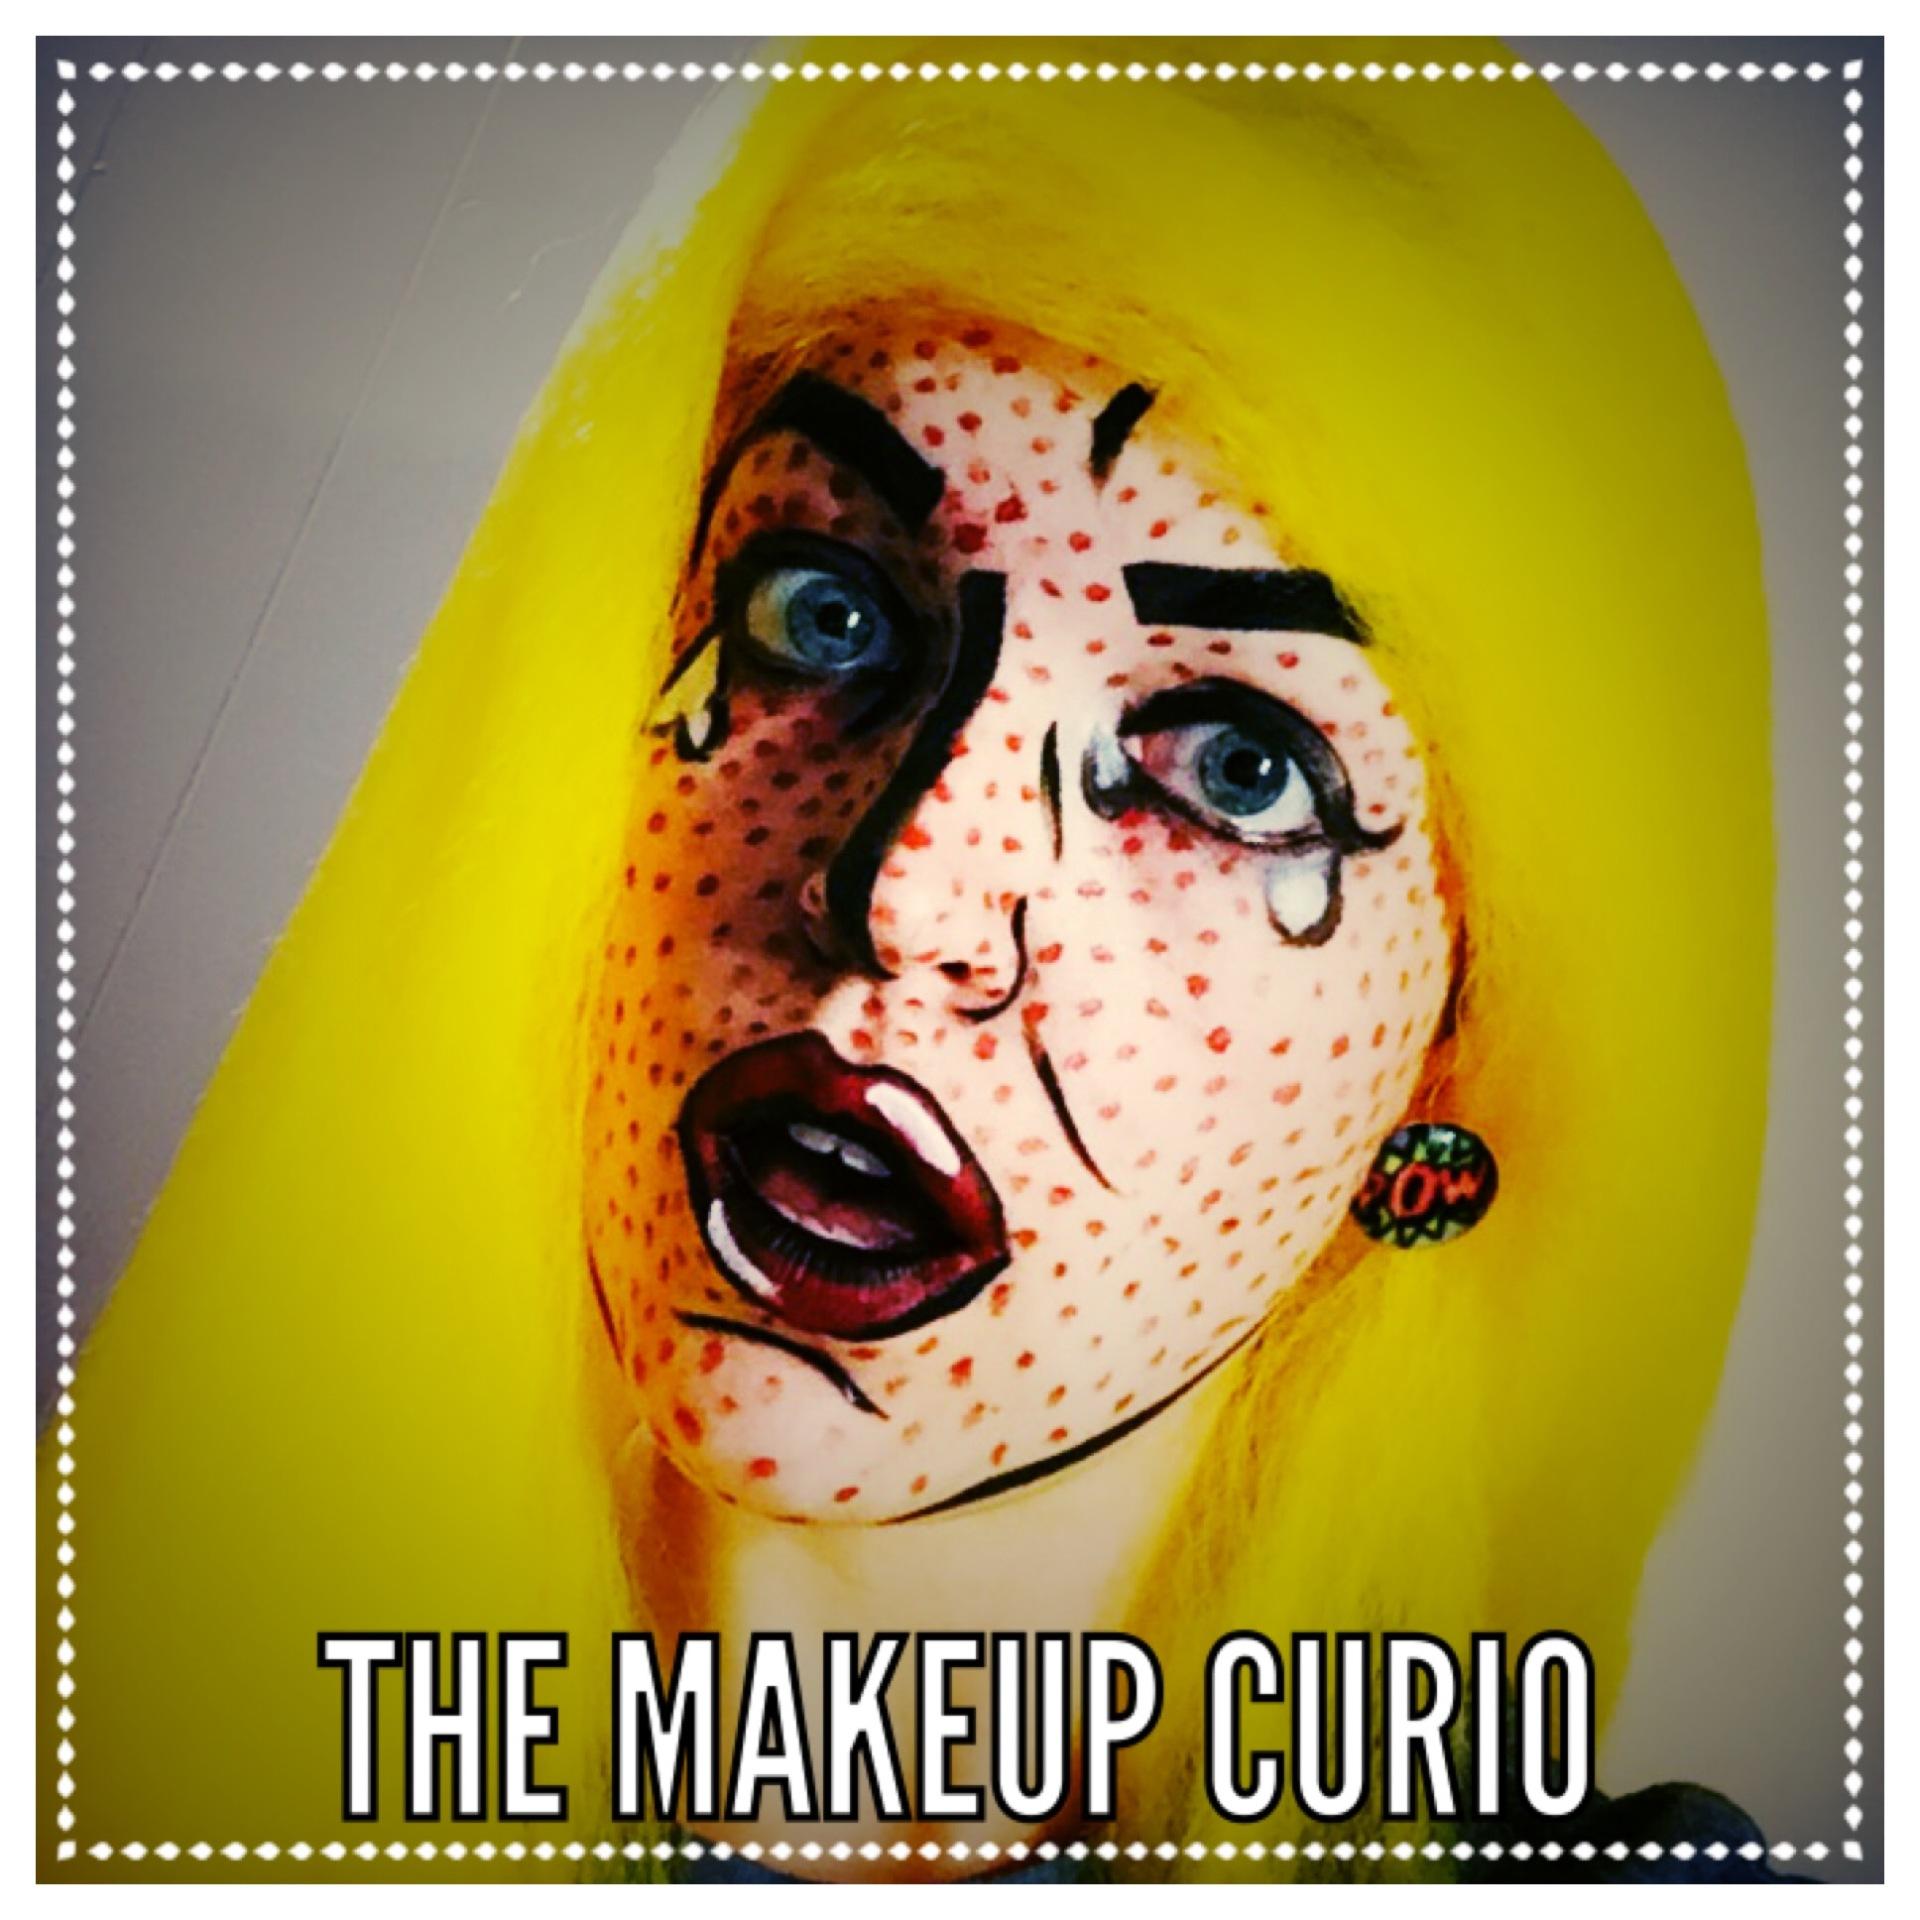 character makeup, pop art, cosplay